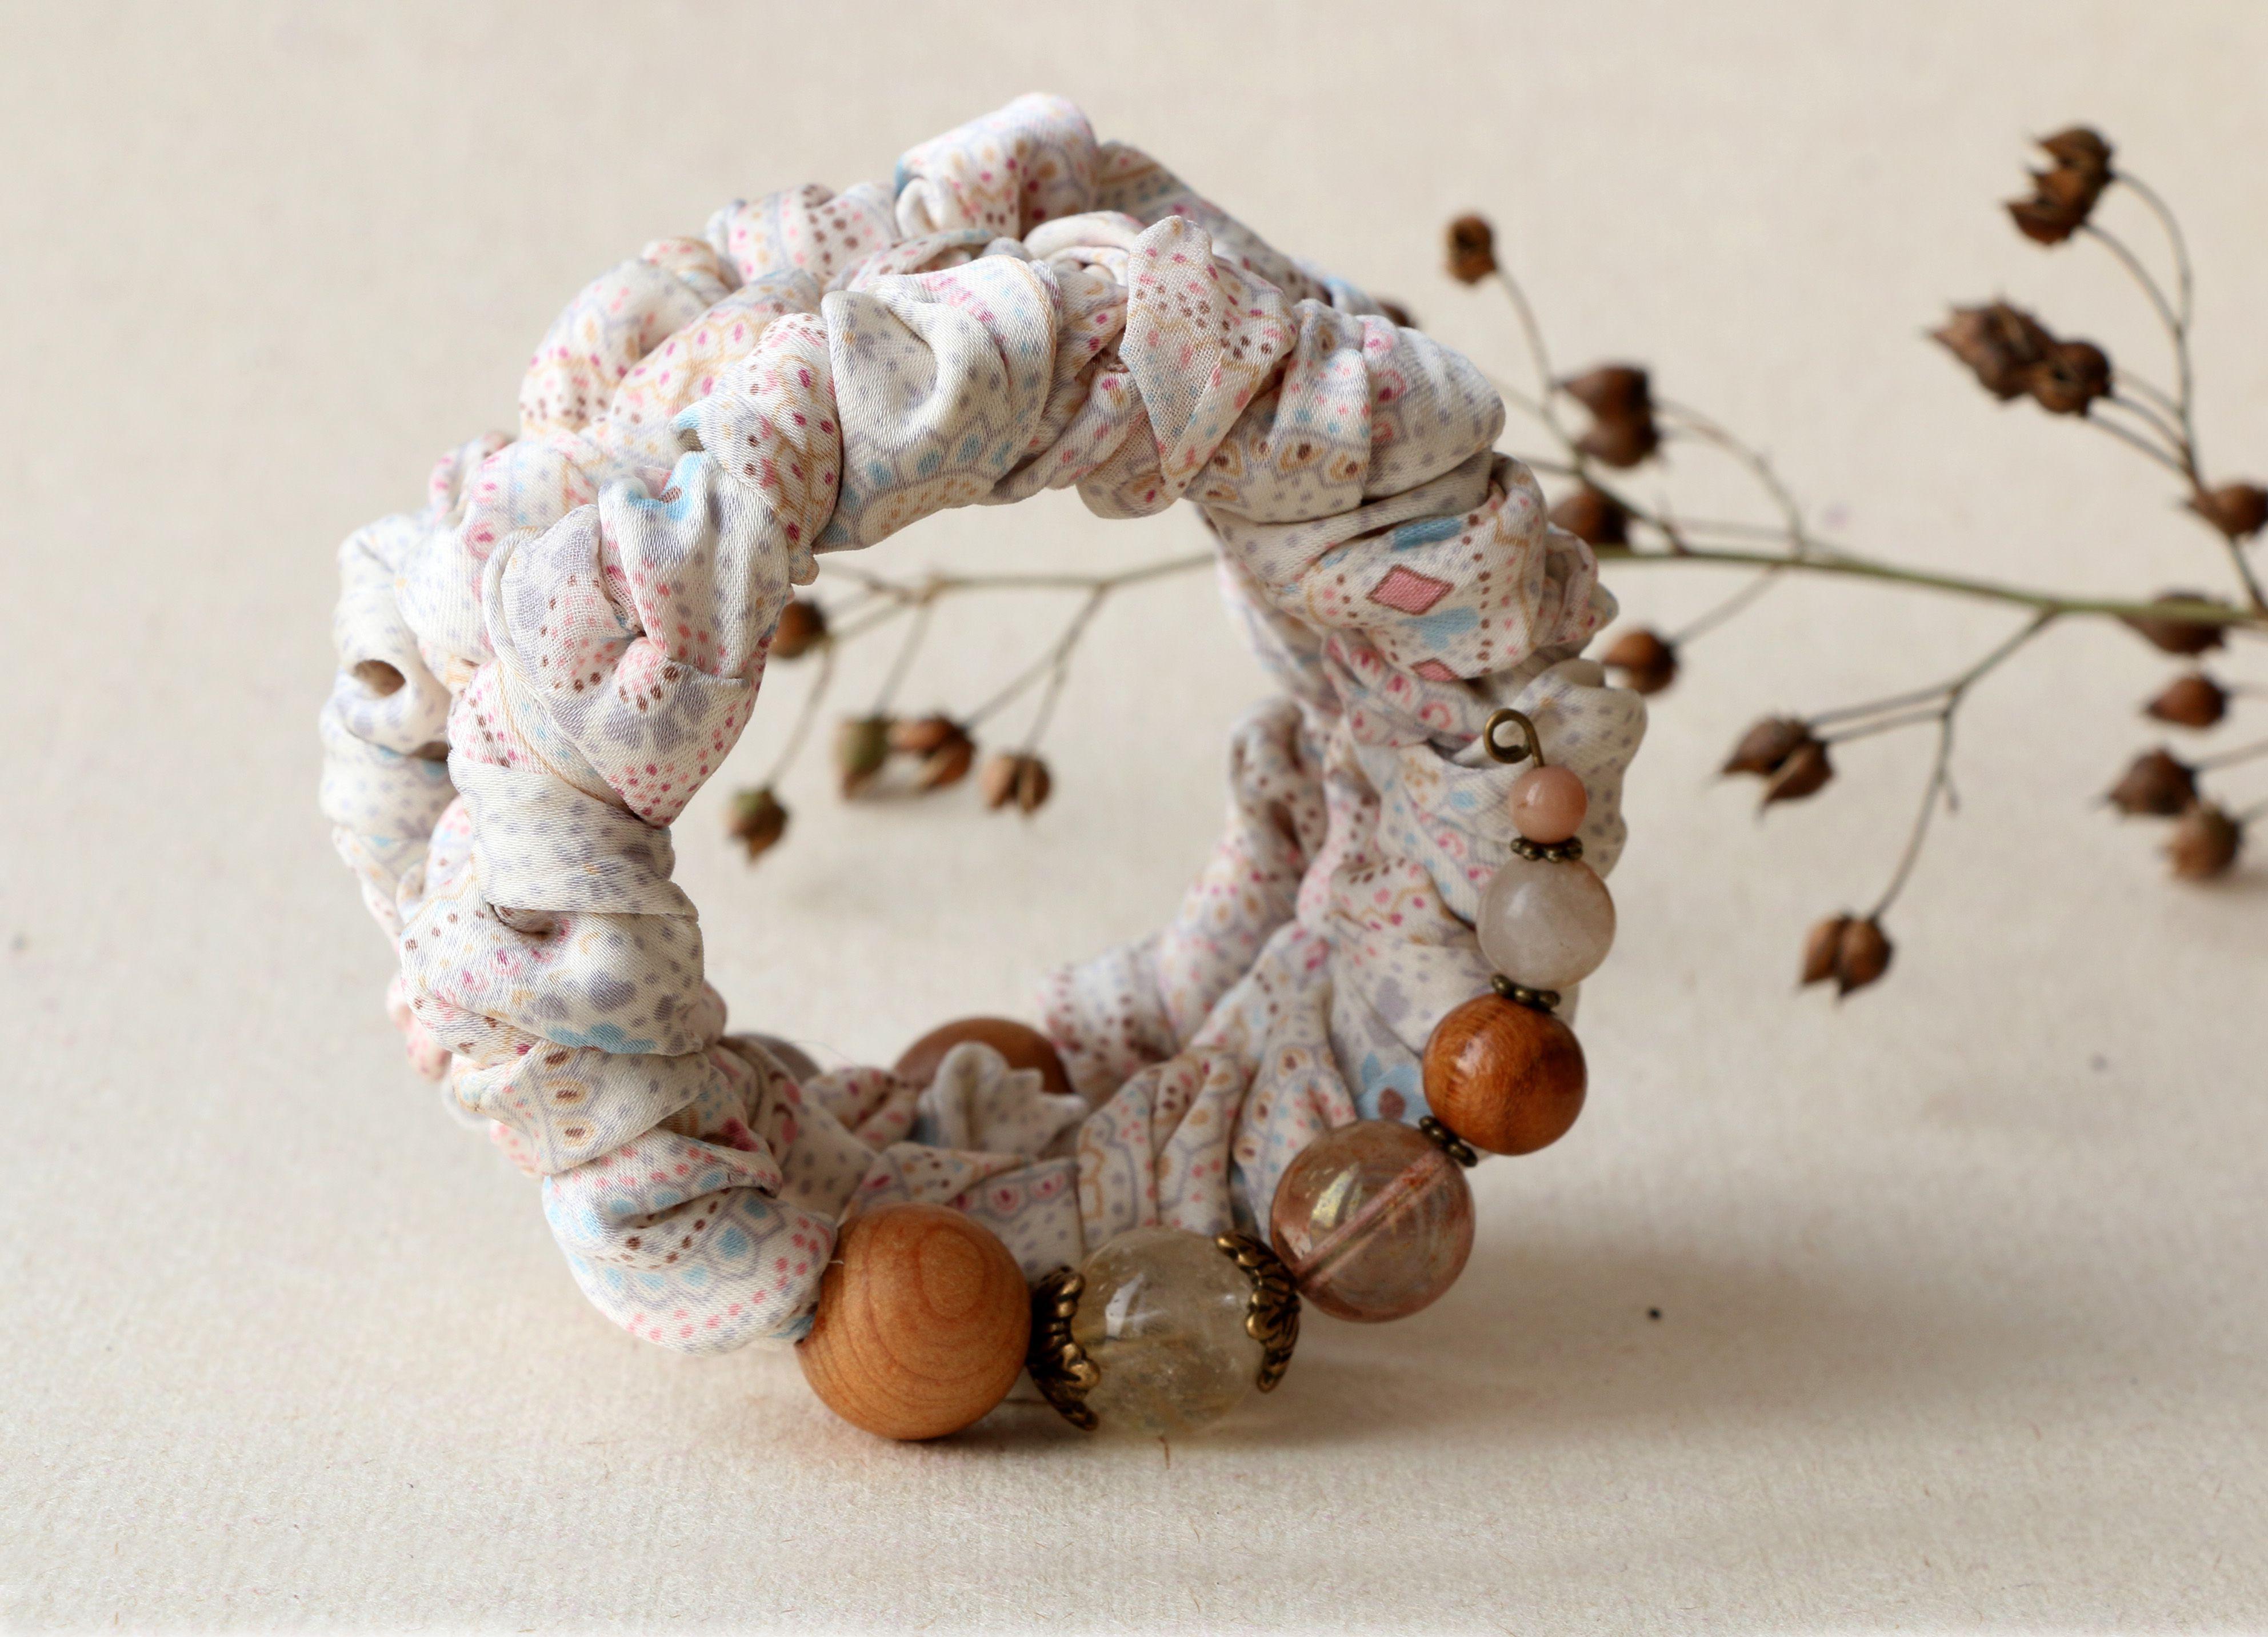 браслет голубой бежевый цветение розовый винтажный жатый текстильный весенний шелк романтичный